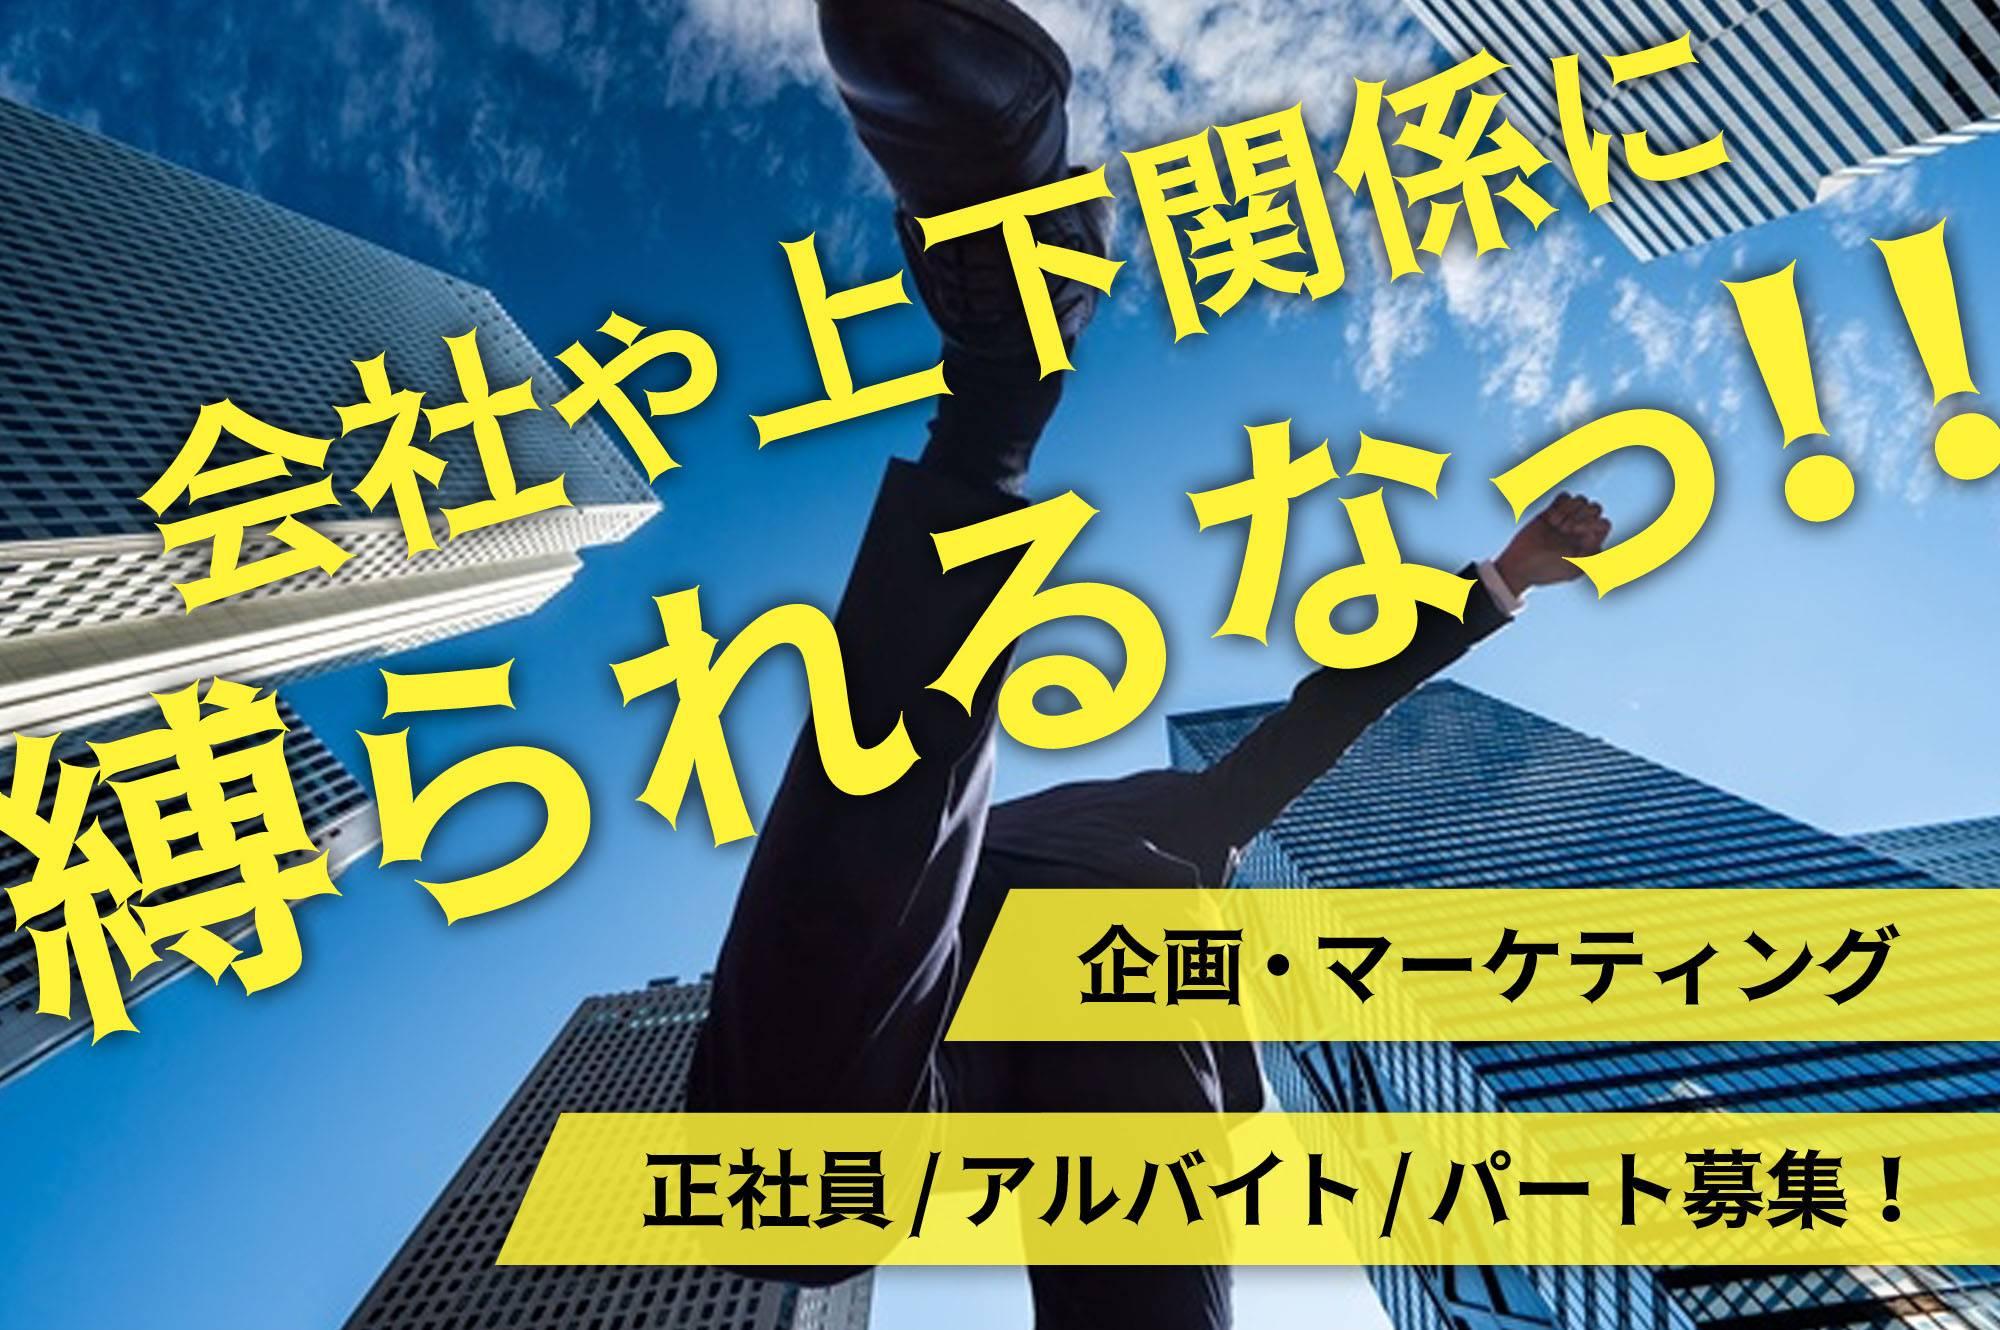 ウィーズ株式会社 松山支店